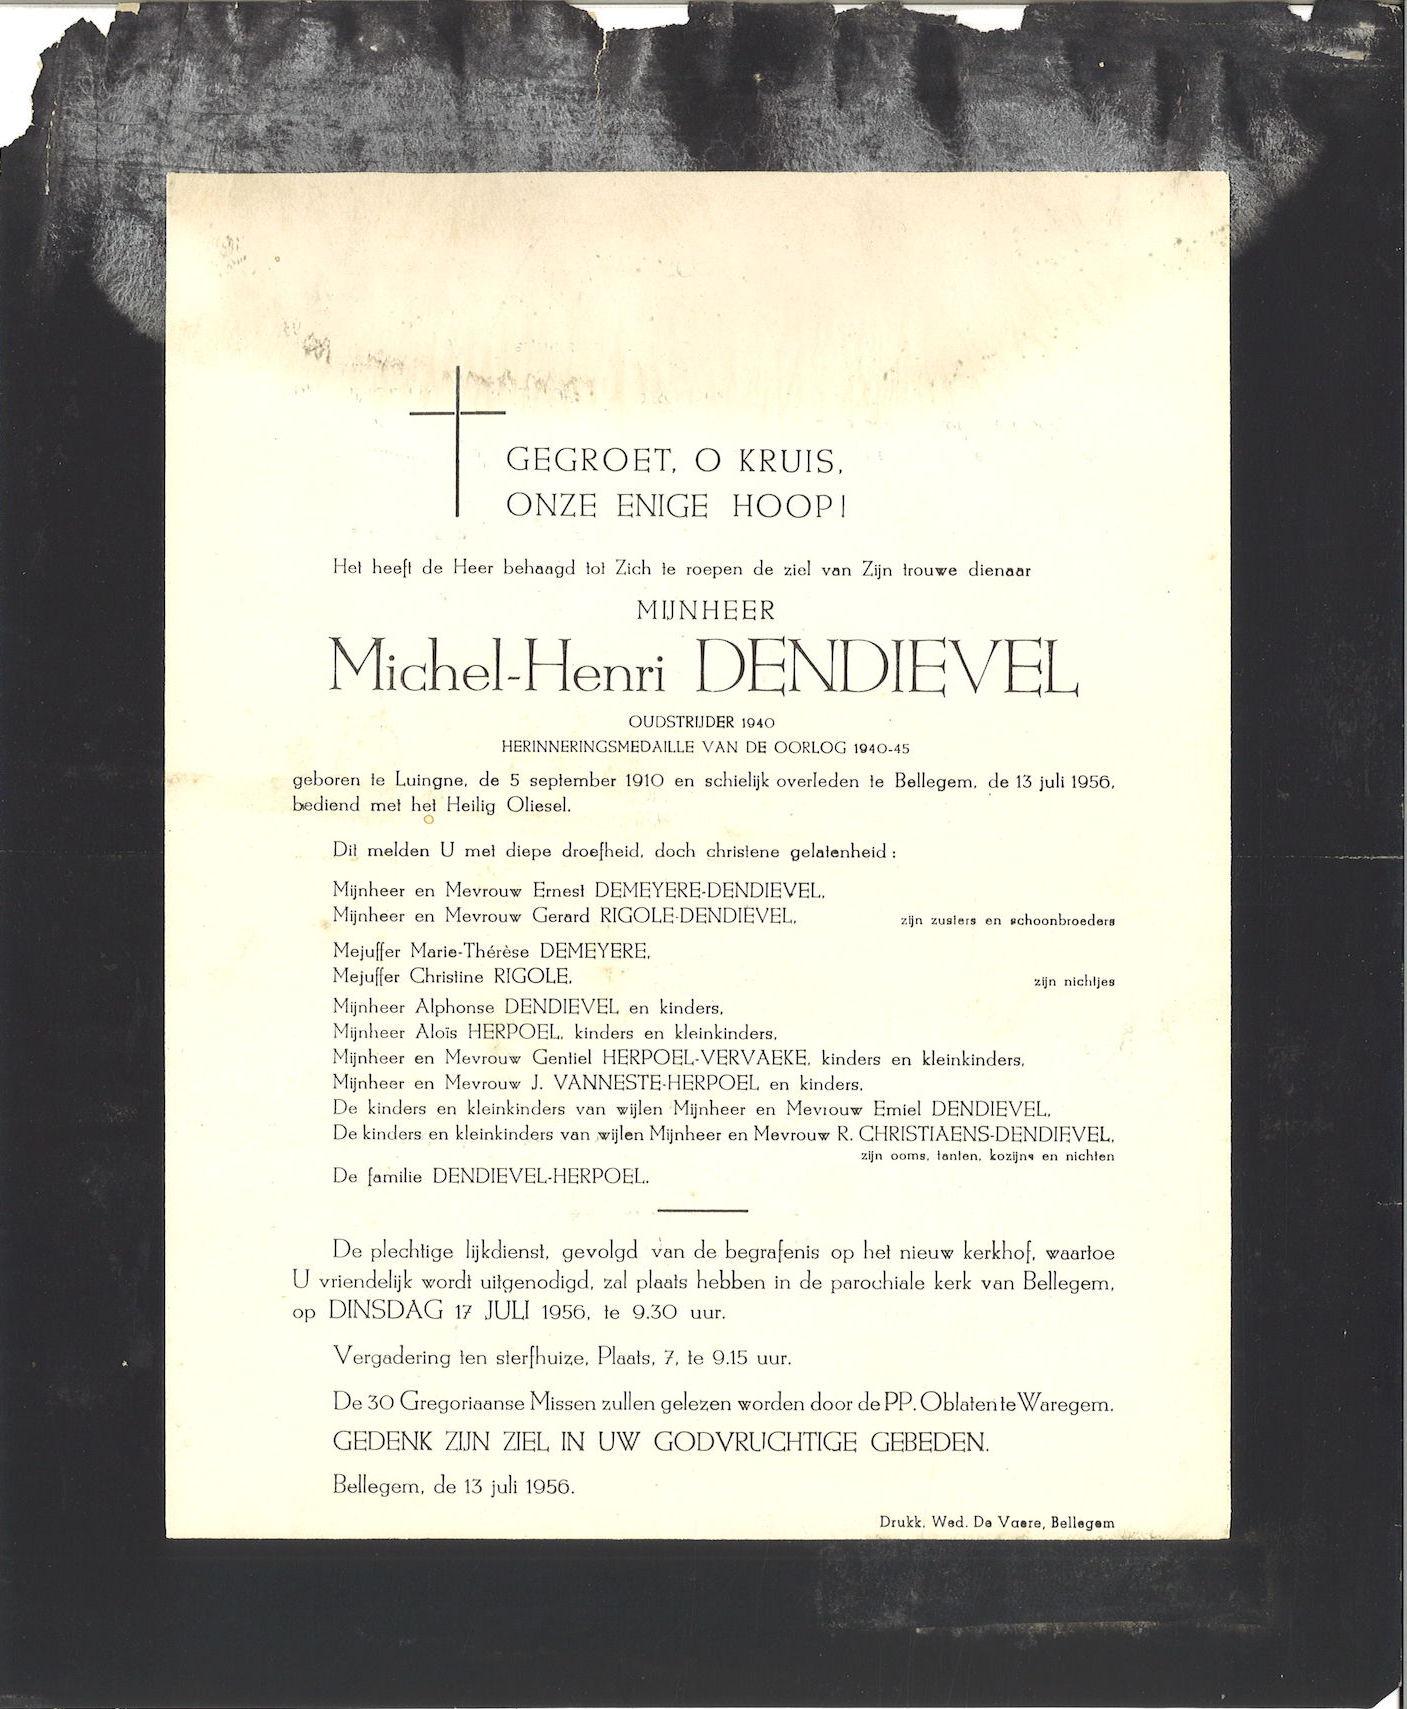 Michel-Henri Dendievel